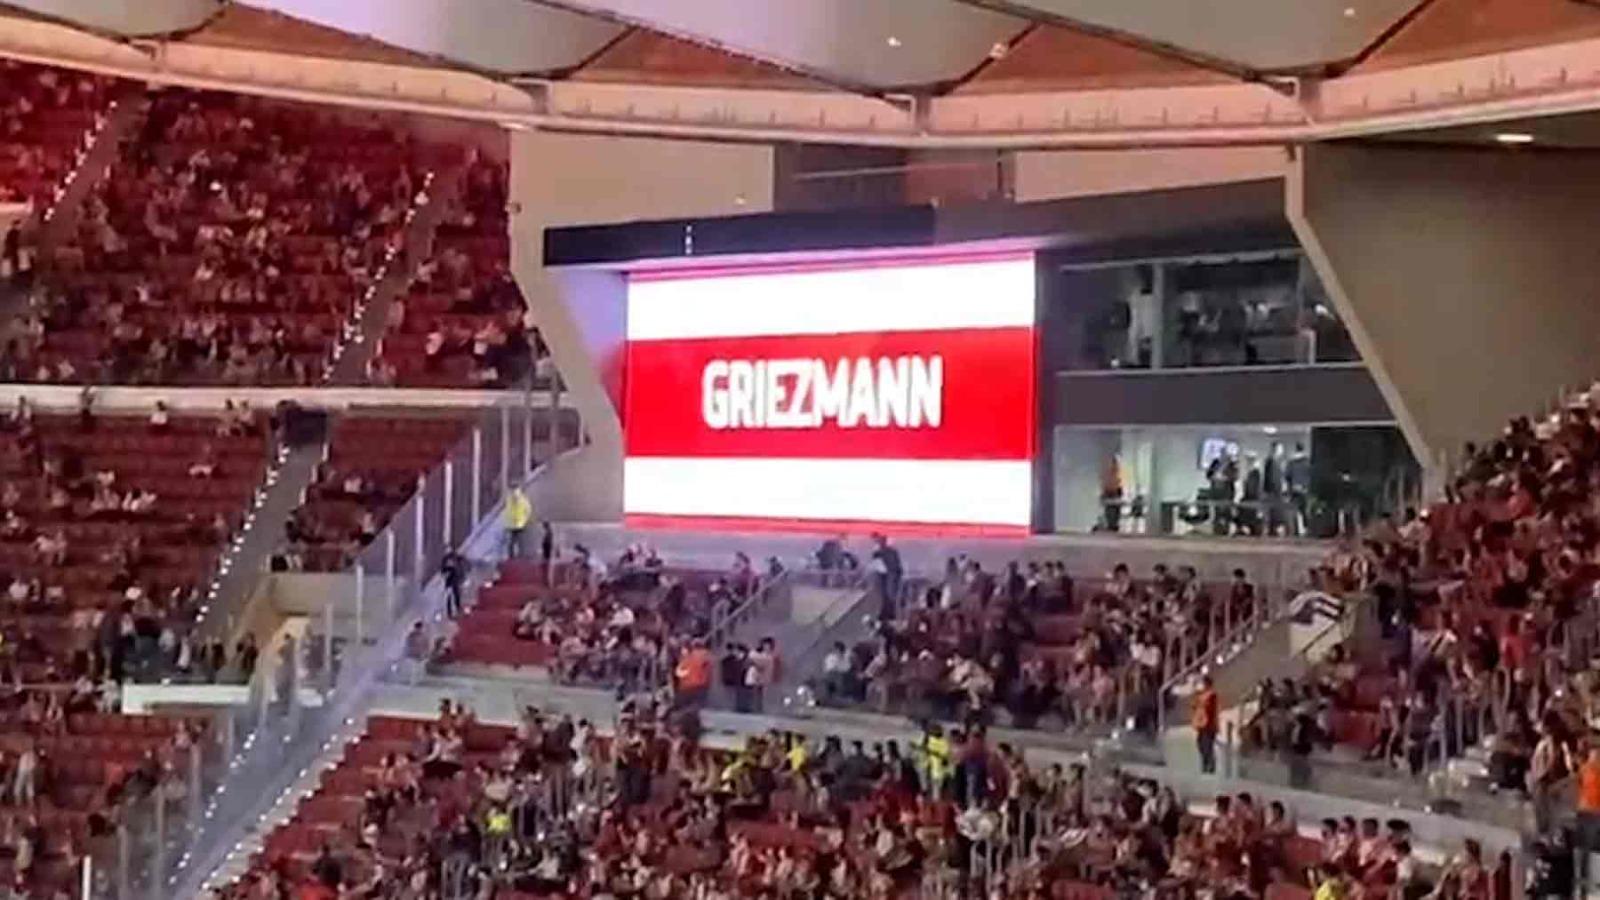 La afición del Atlético pitó a Griezmann.